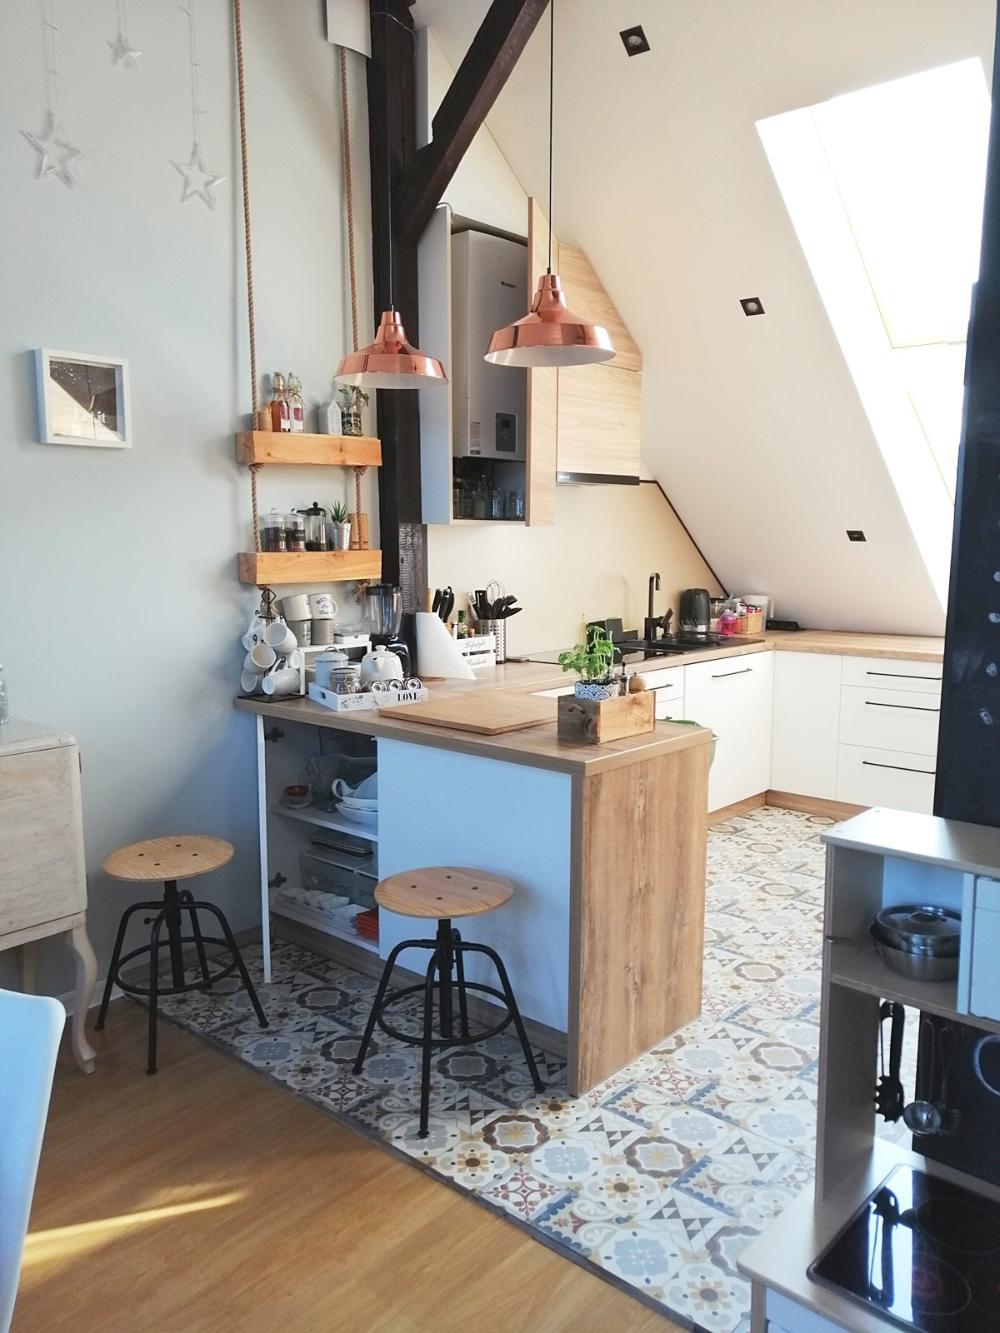 Kuchnia Na Poddaszu Home Decor Home Decor